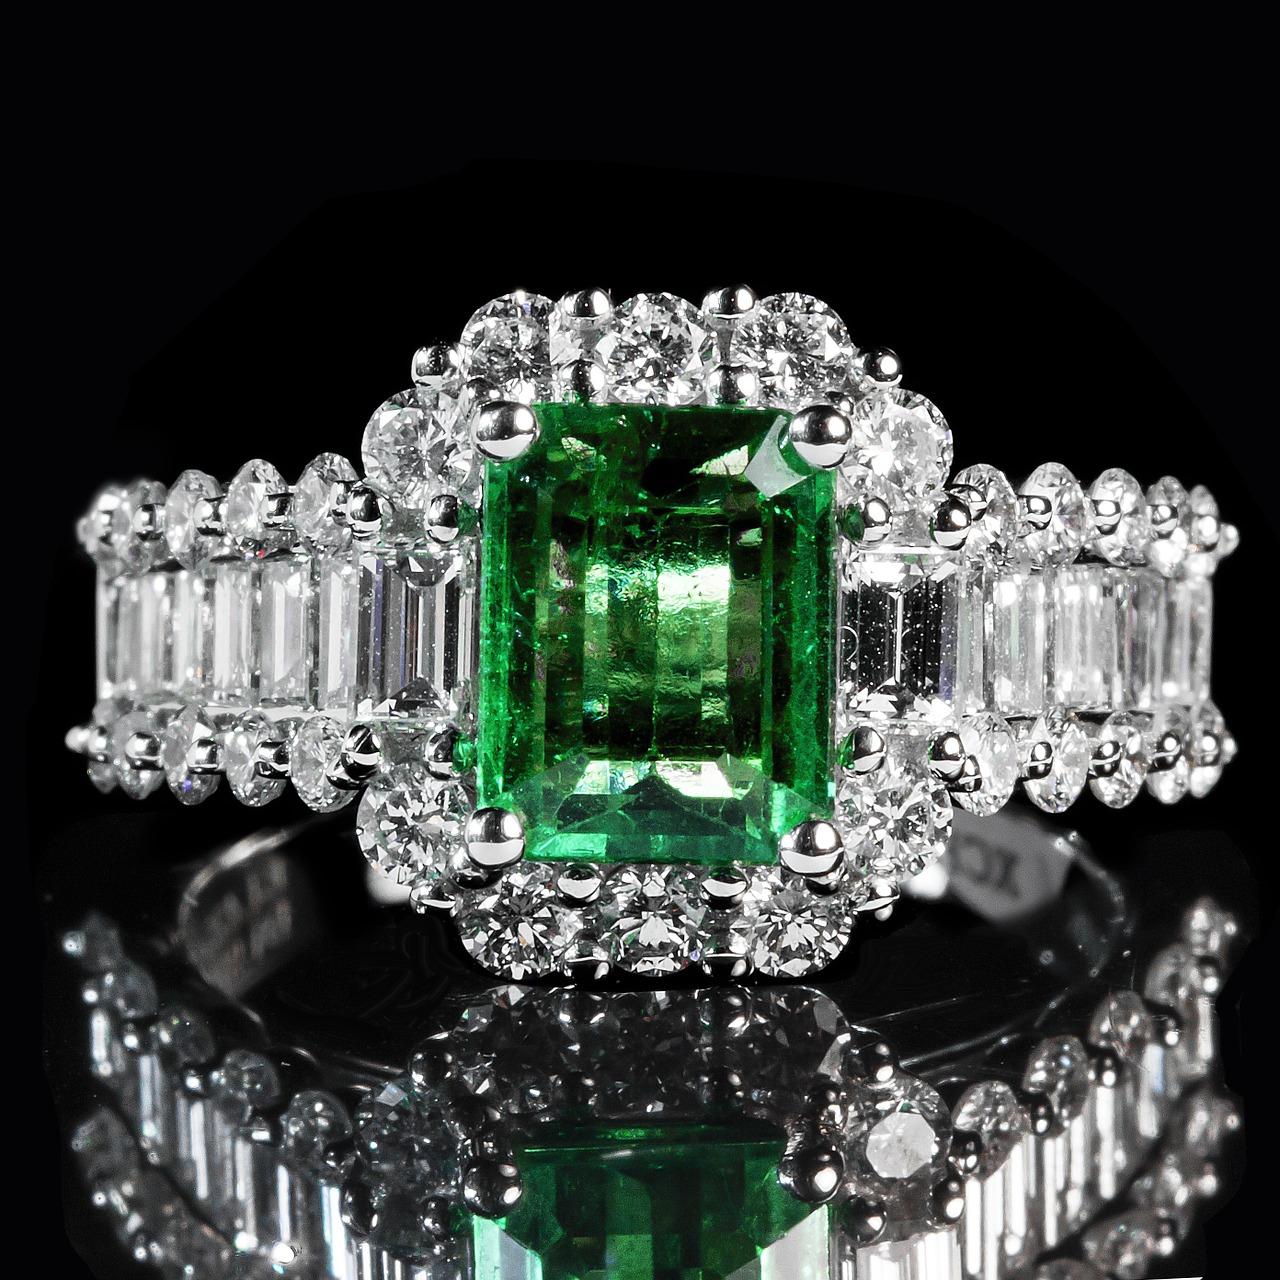 מה ההבדל בין יהלומים בחיתוך אמרלד ואבני אמרלד?